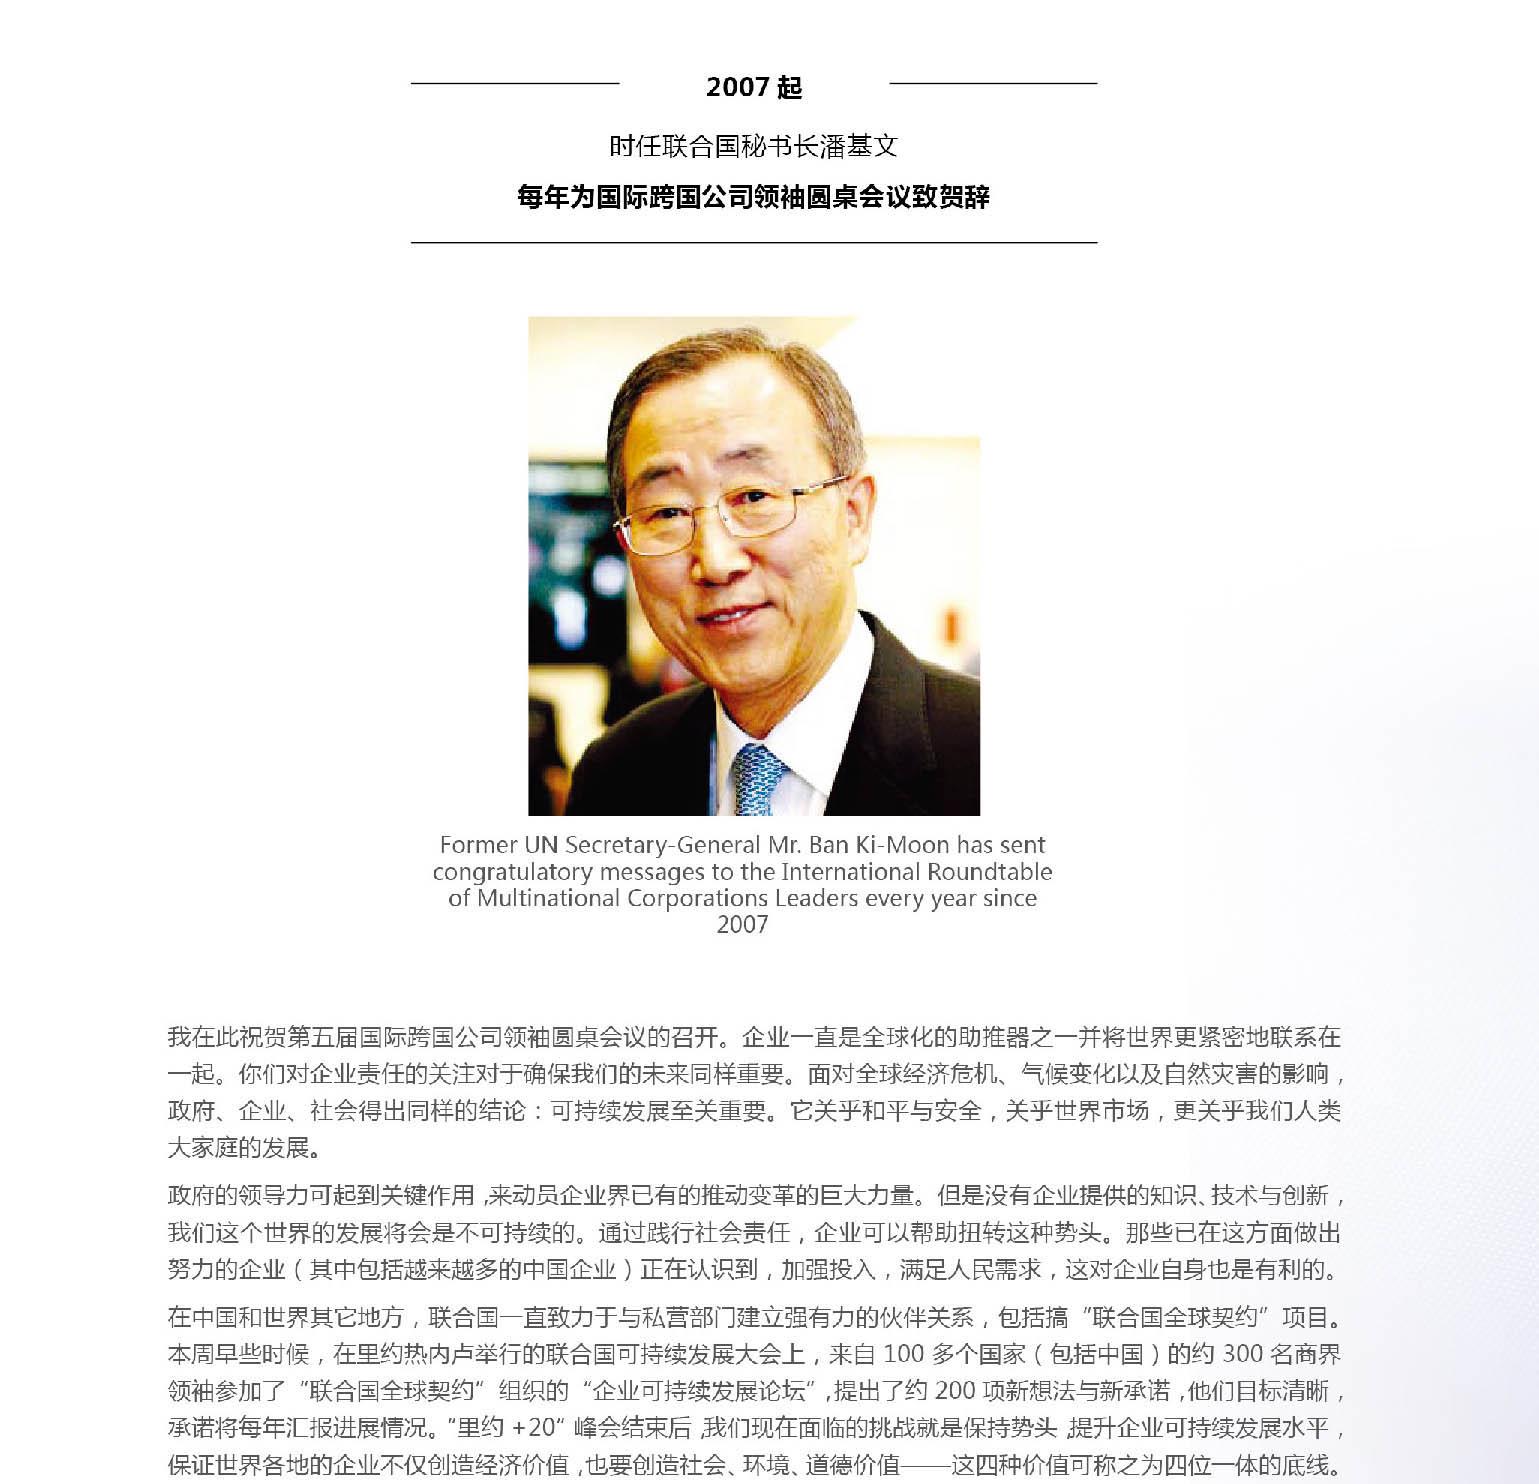 2007起,时任联合国秘书长潘基文 每年为国际跨国公司领袖圆桌会议致贺辞